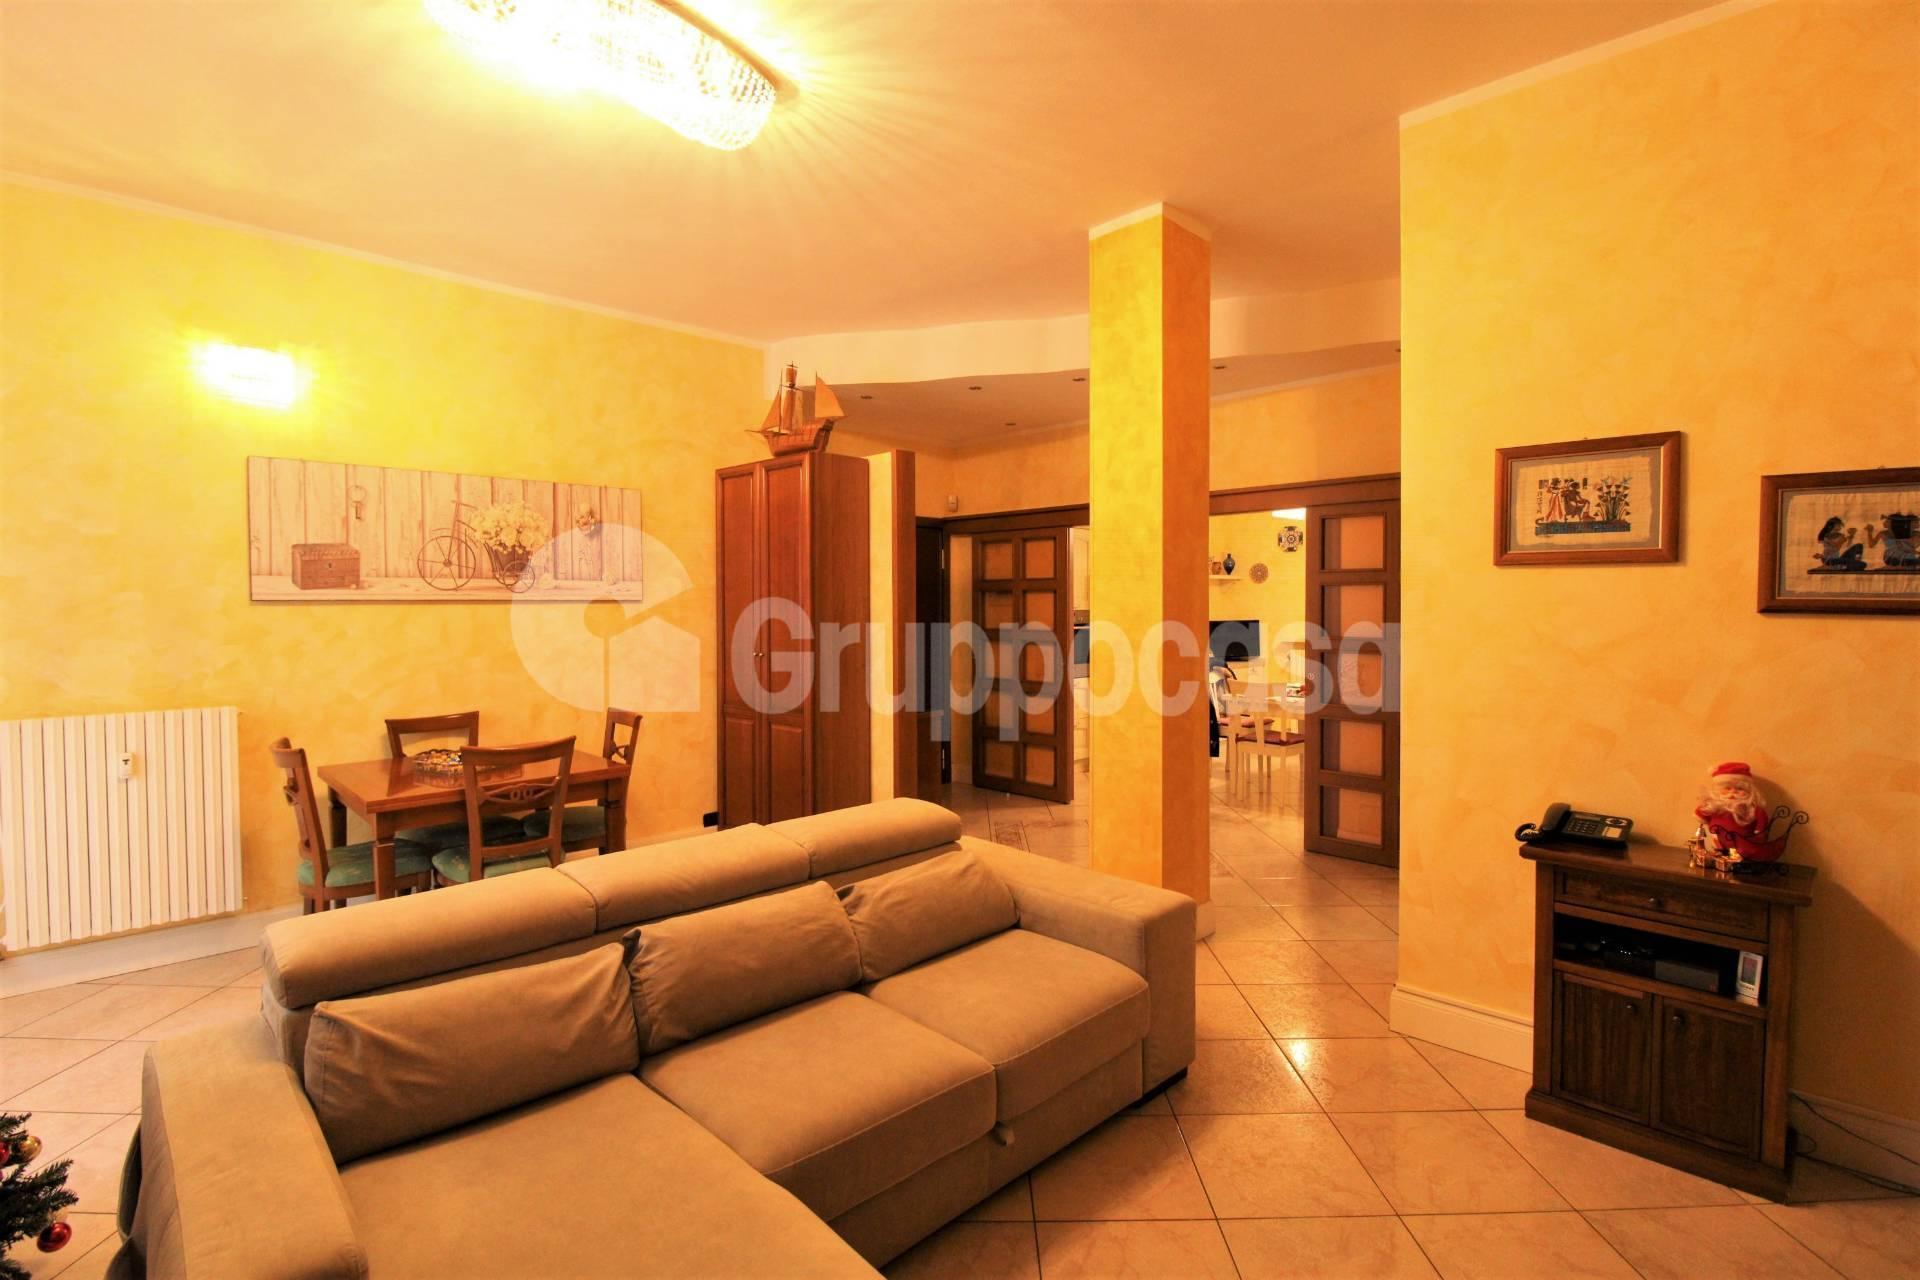 Appartamento in vendita a Arese, 4 locali, prezzo € 265.000 | CambioCasa.it